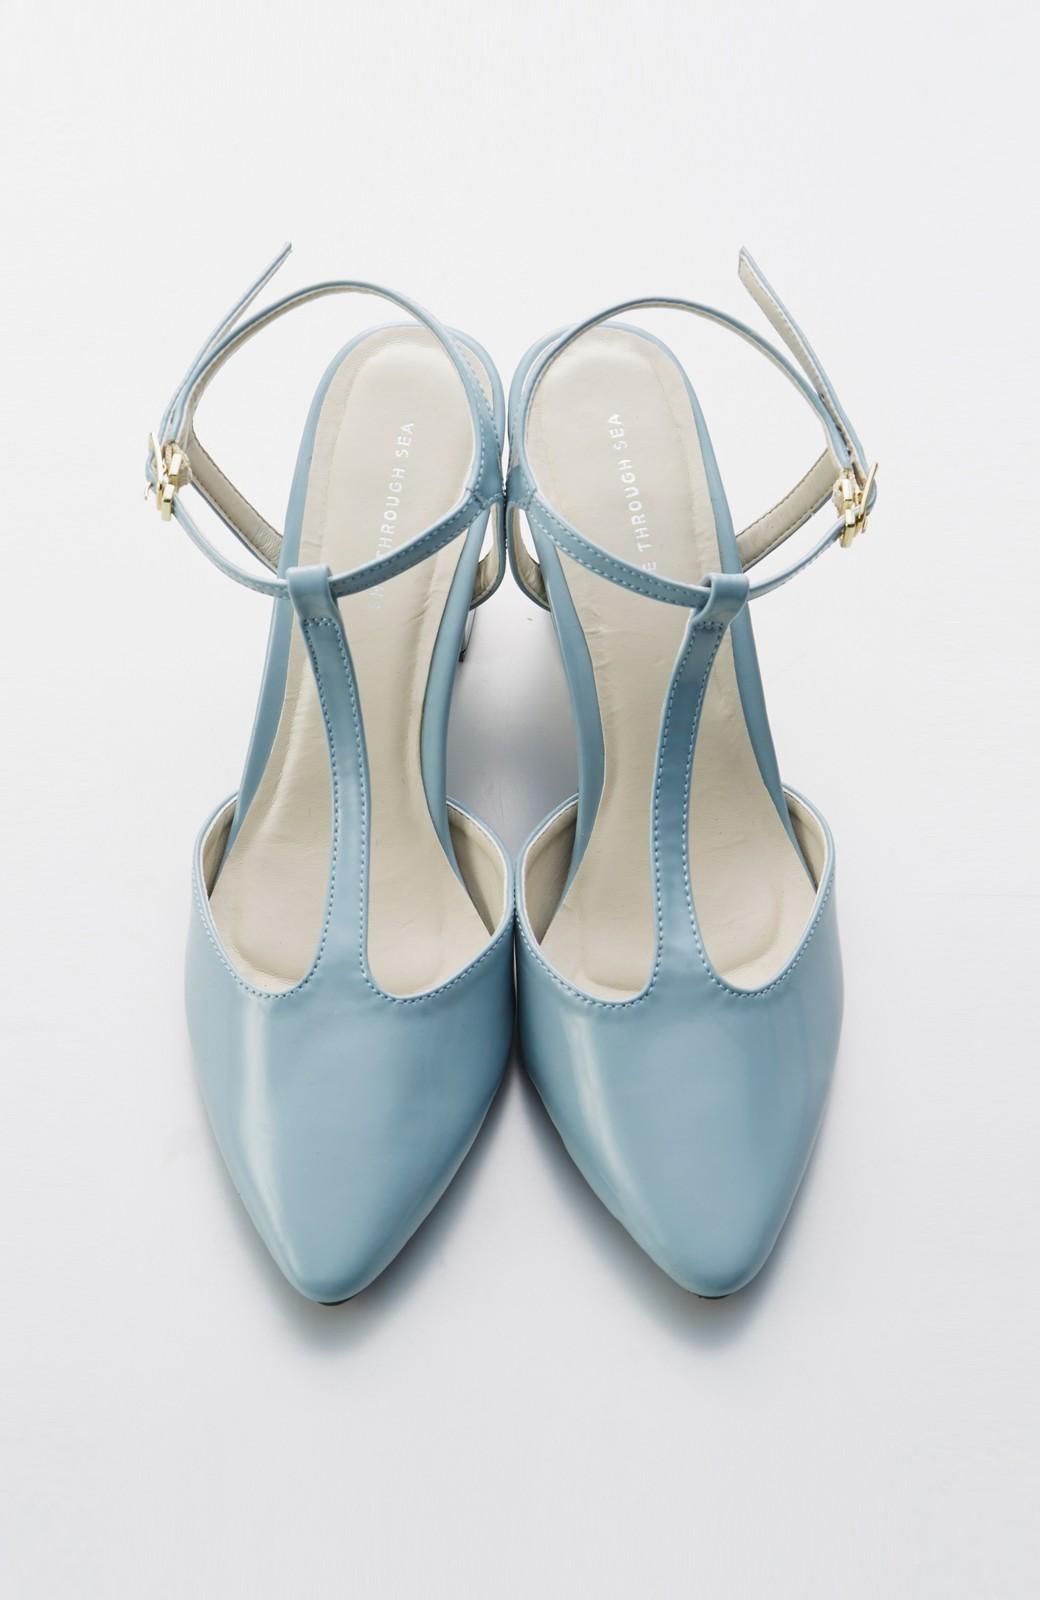 SHE THROUGH SEA おでかけの日に大切に履きたい、Tストラップパンプス <グレイッシュブルー>の商品写真1